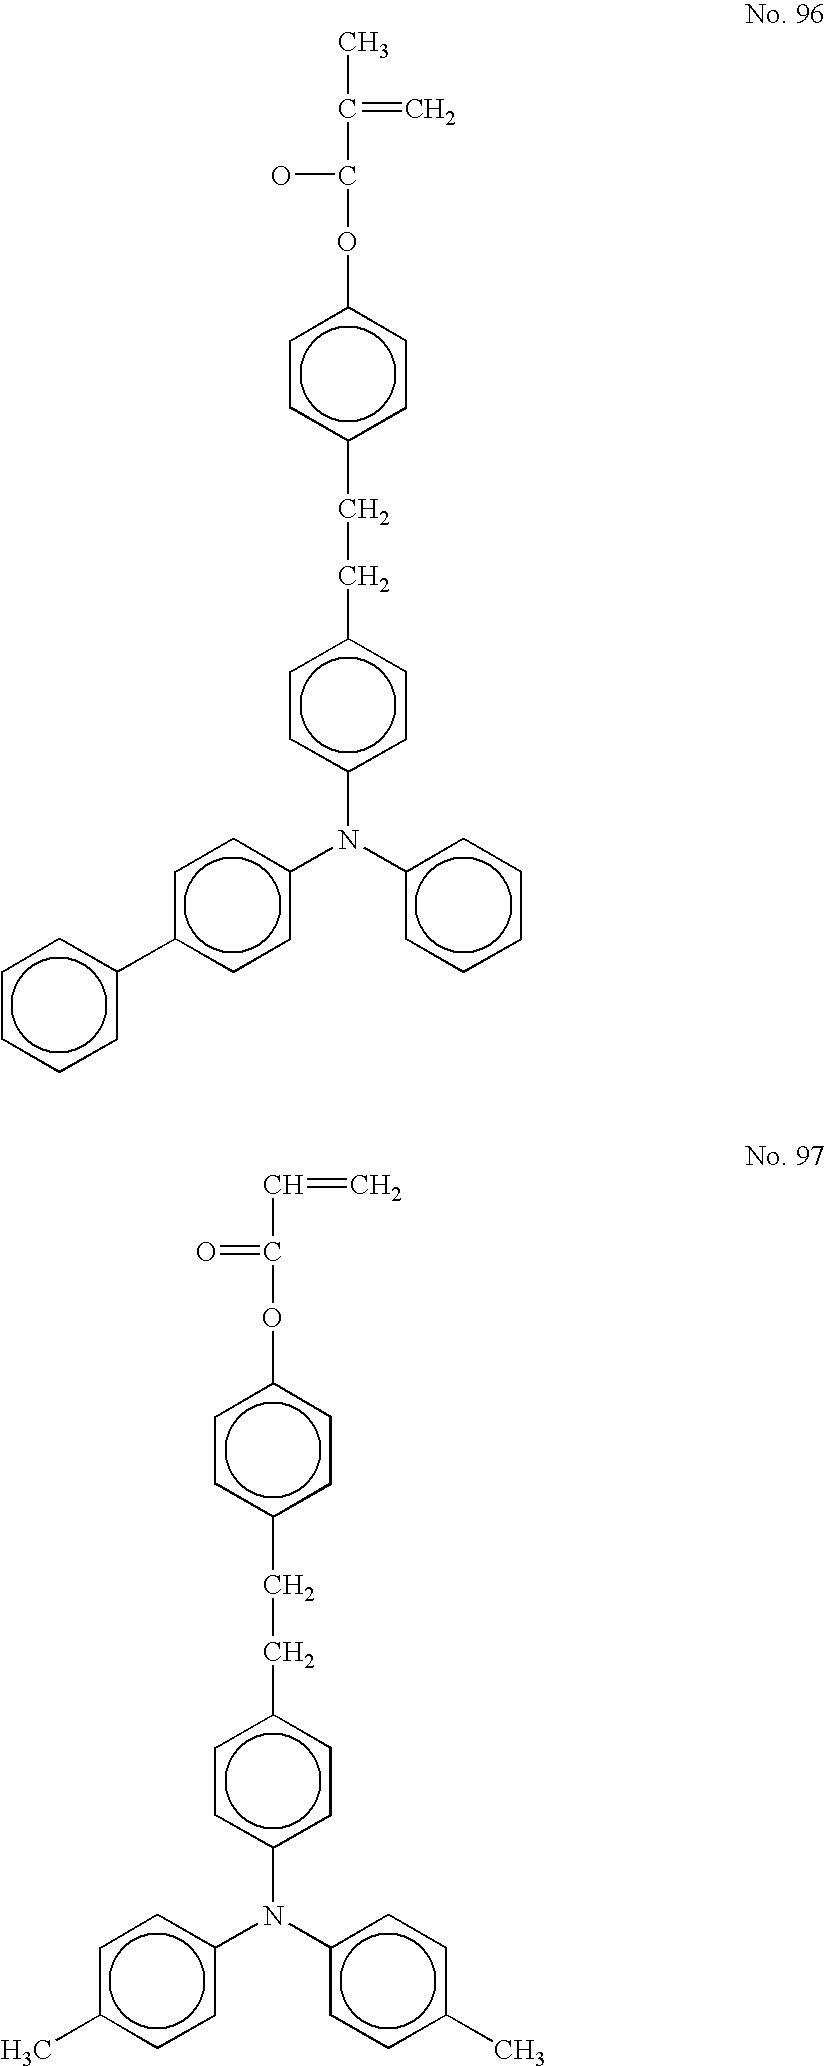 Figure US07175957-20070213-C00044